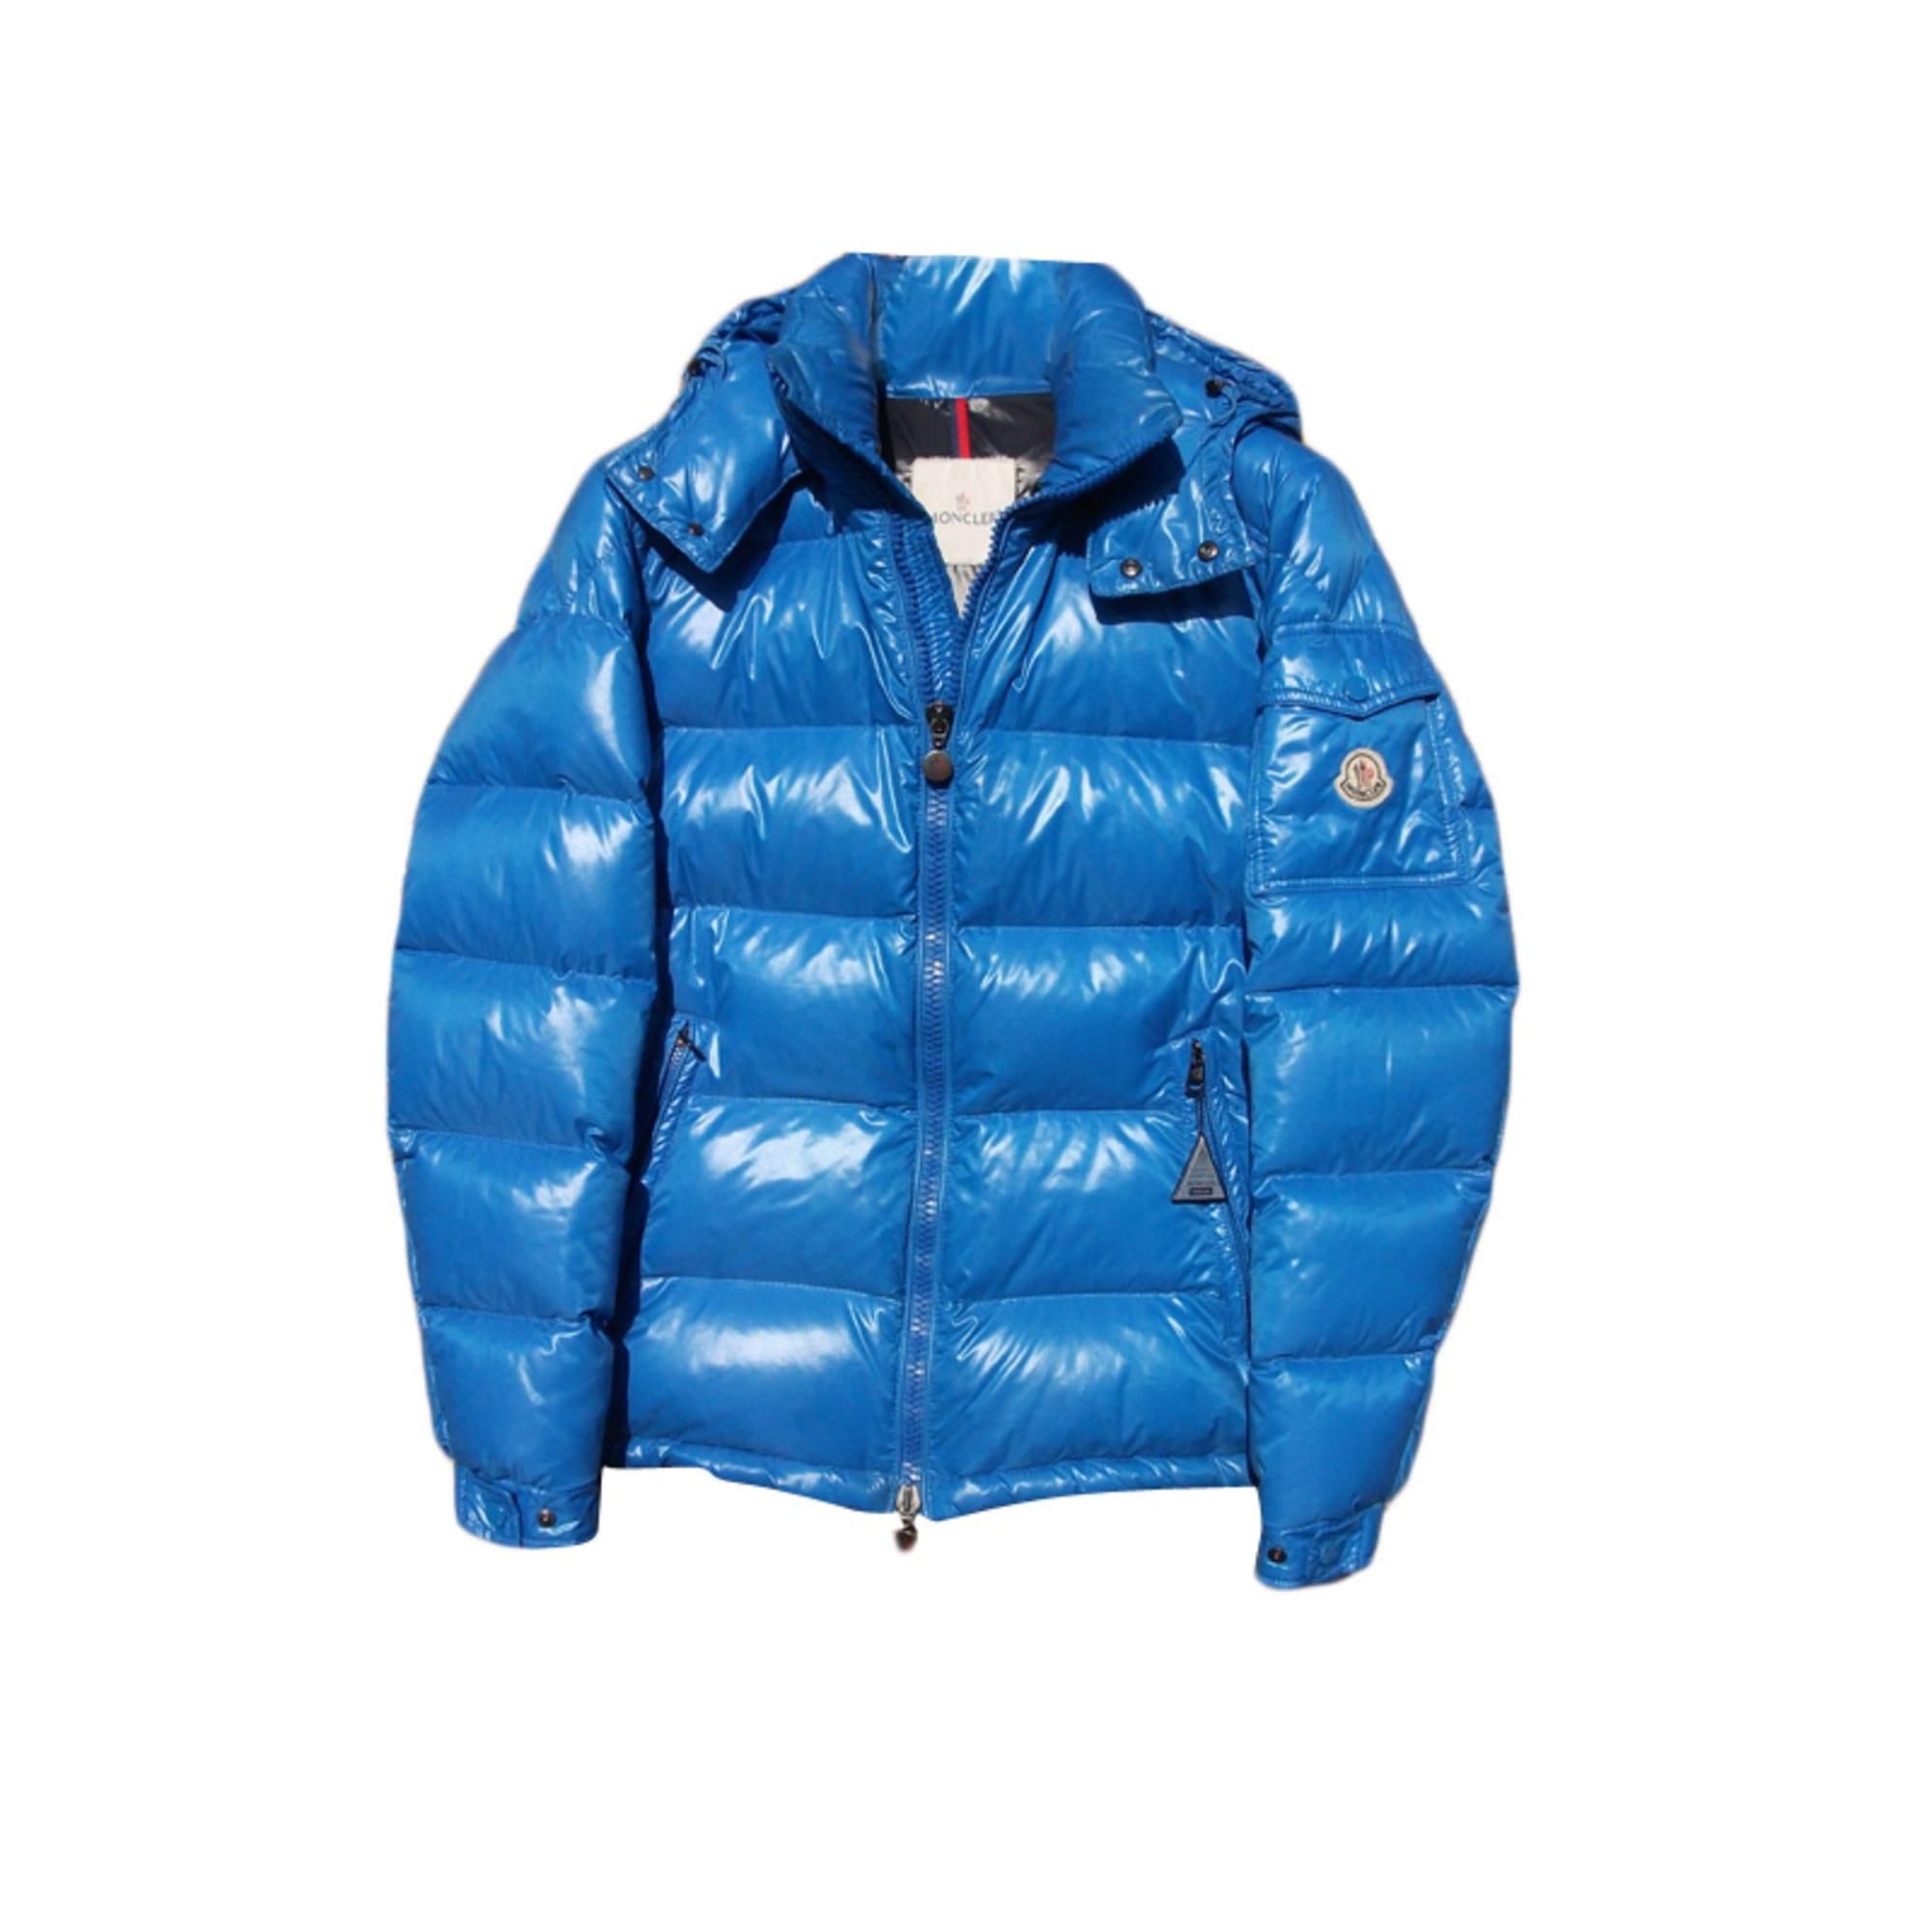 Doudoune MONCLER 52 (L) bleu vendu par Laurent